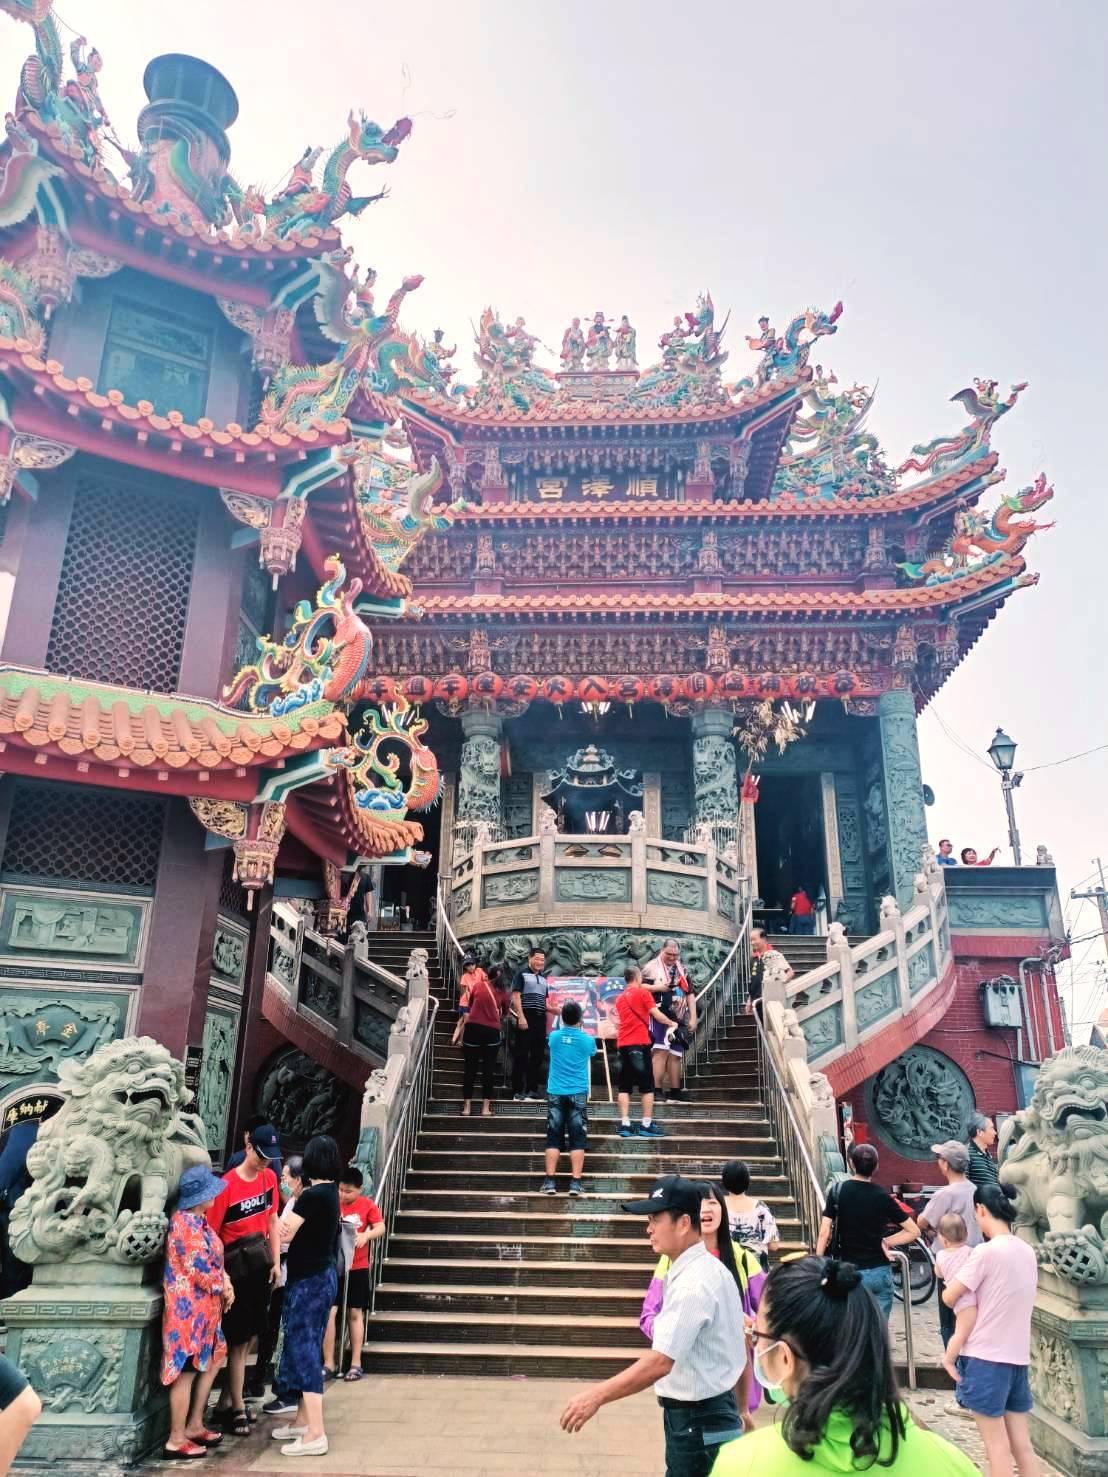 埔鹽順澤宮原是1座很普通的奉祀玄天上帝角頭廟宇,如今一夕爆紅。記者何烱榮/攝影